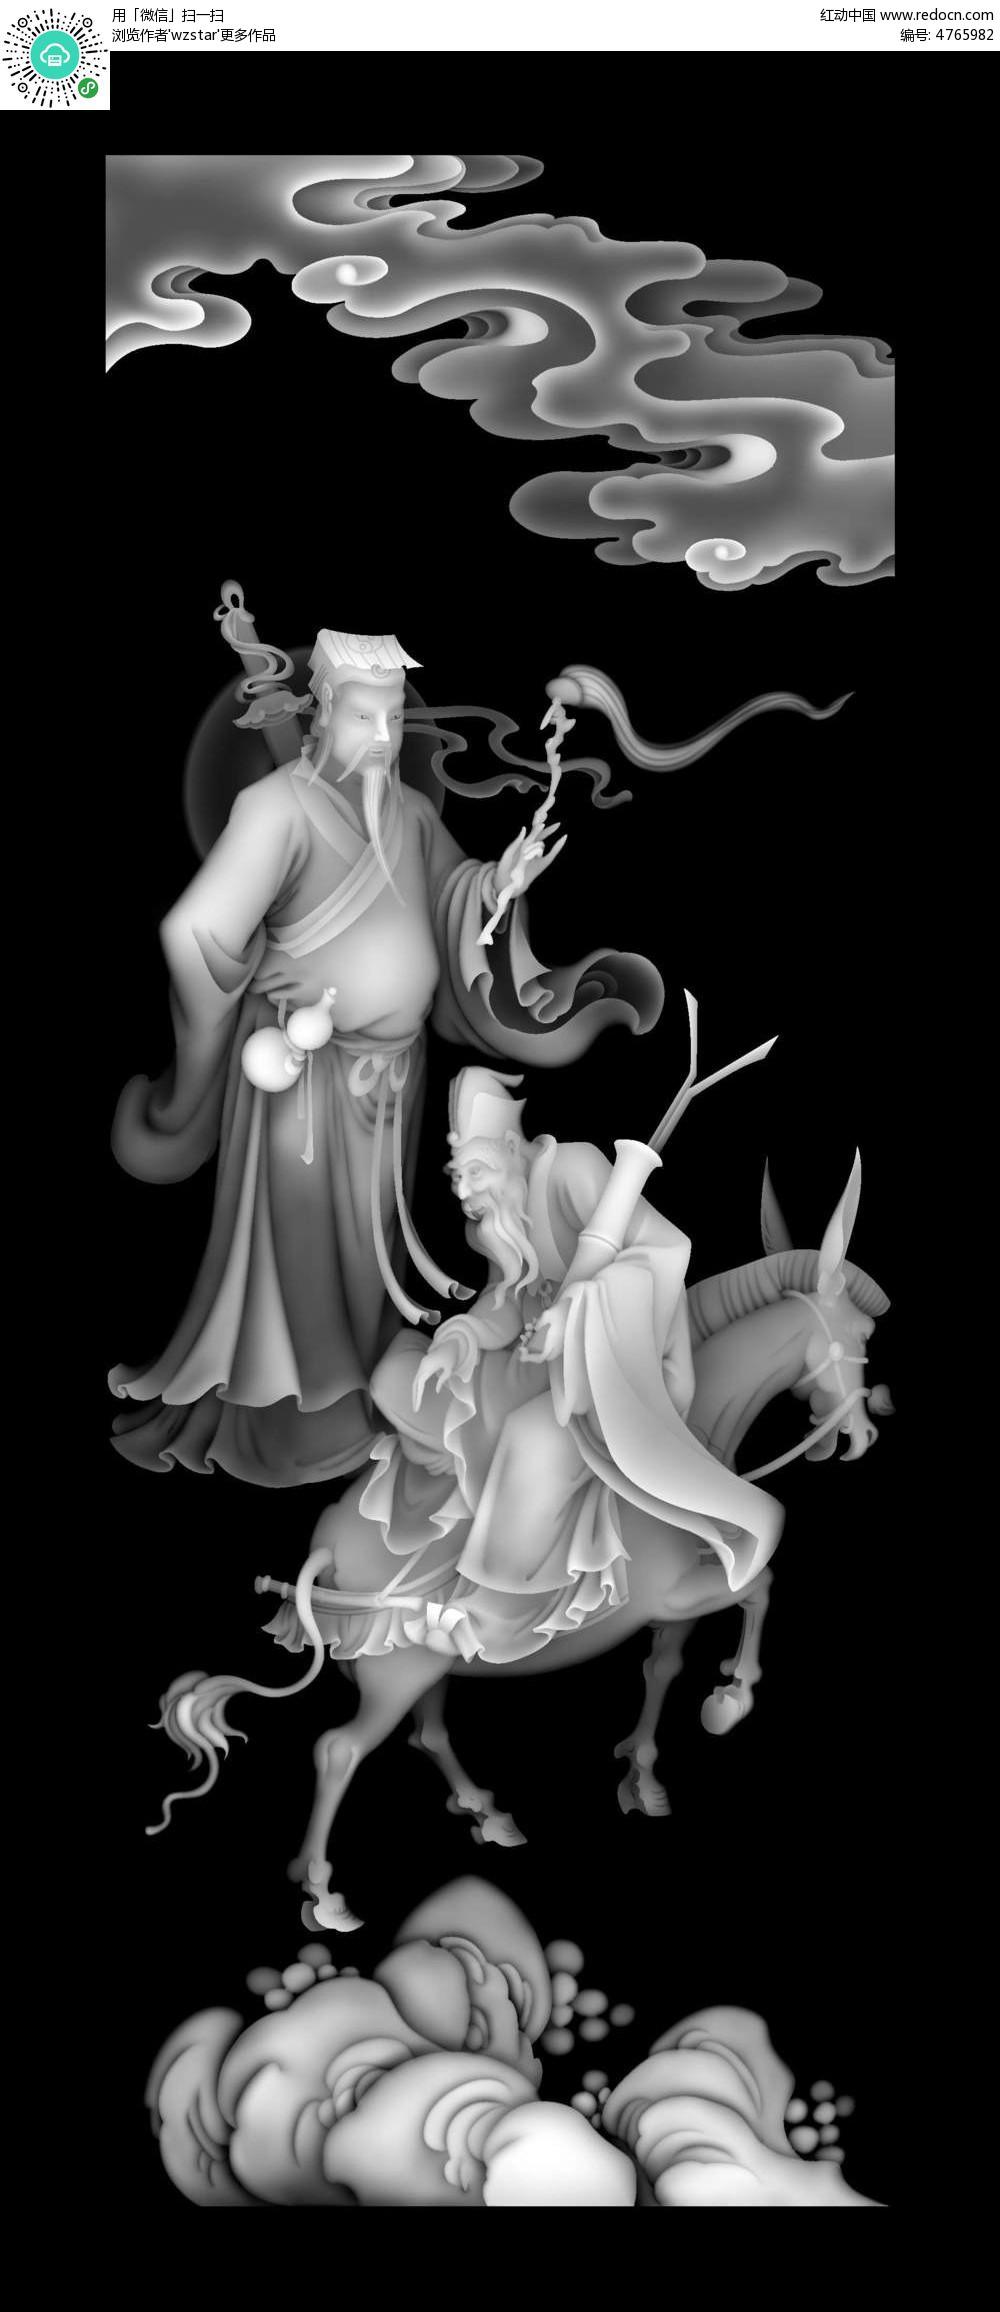 八仙人物黑白浮雕画